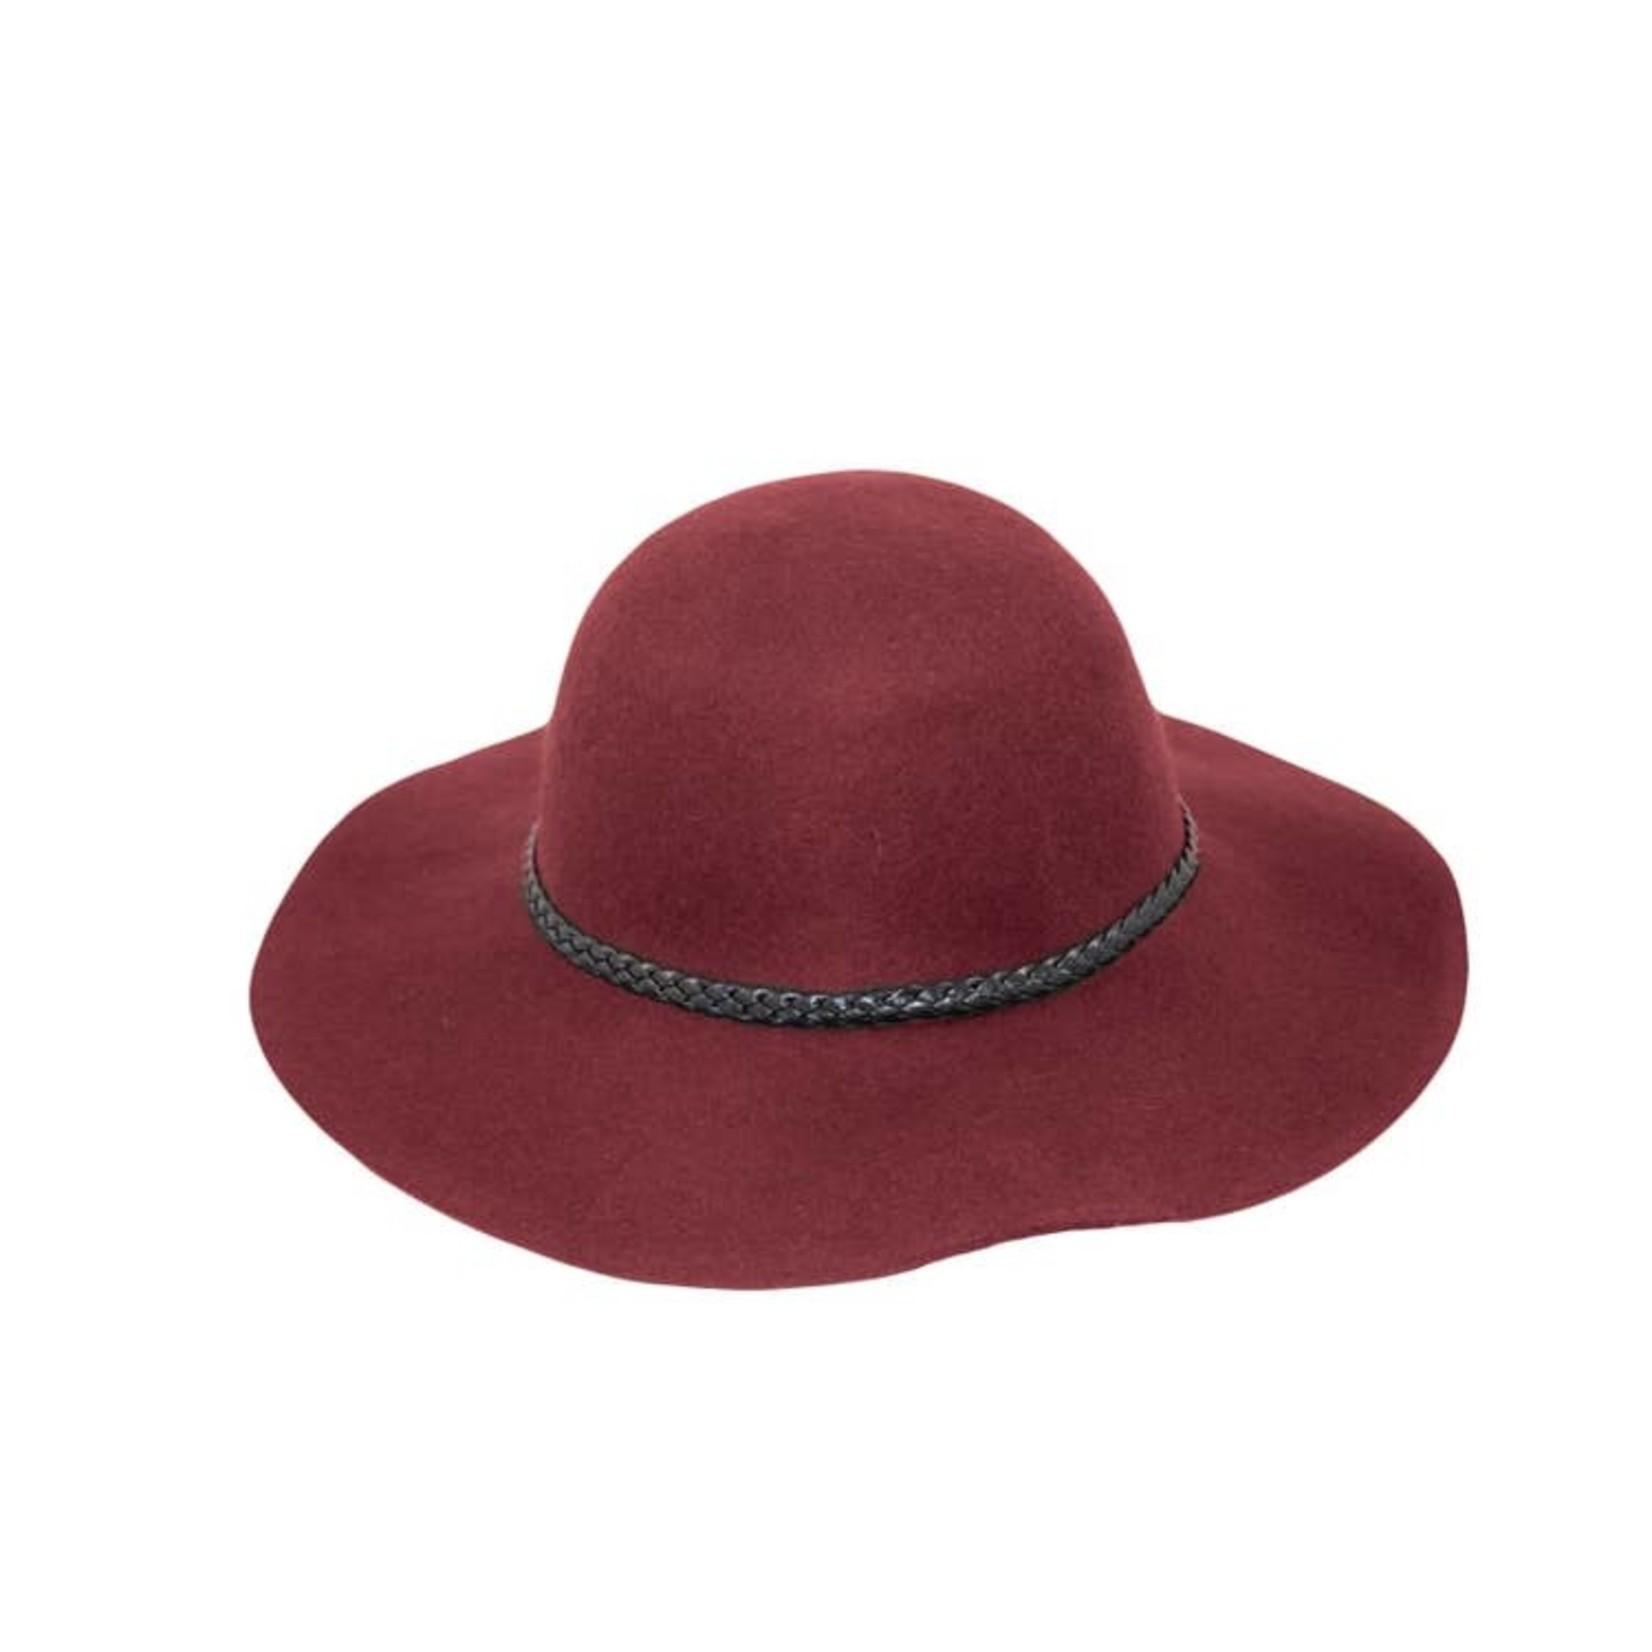 Jeanne Simmons 100% Wool Wide Floppy Brim Hat w/ Leather Braid Trim - Burgundy